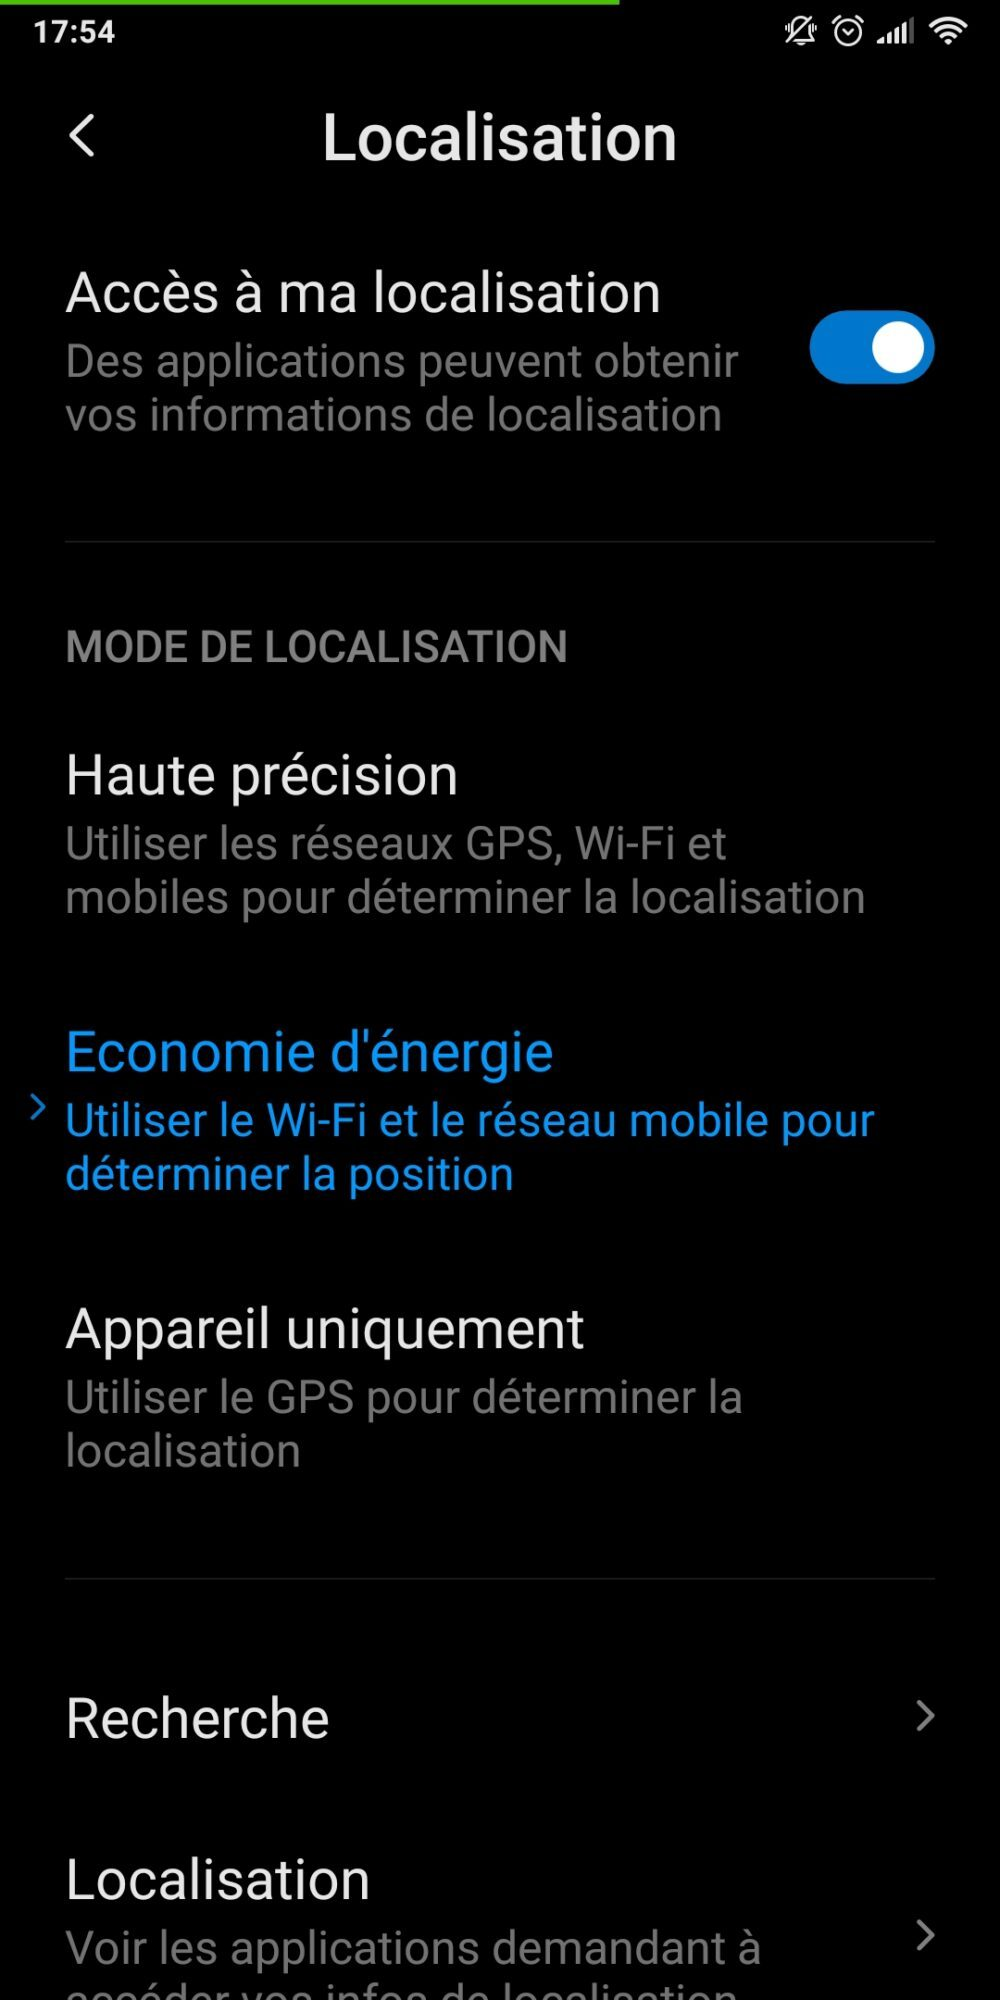 desactiver-la-localisation-parametre-smartphone-android